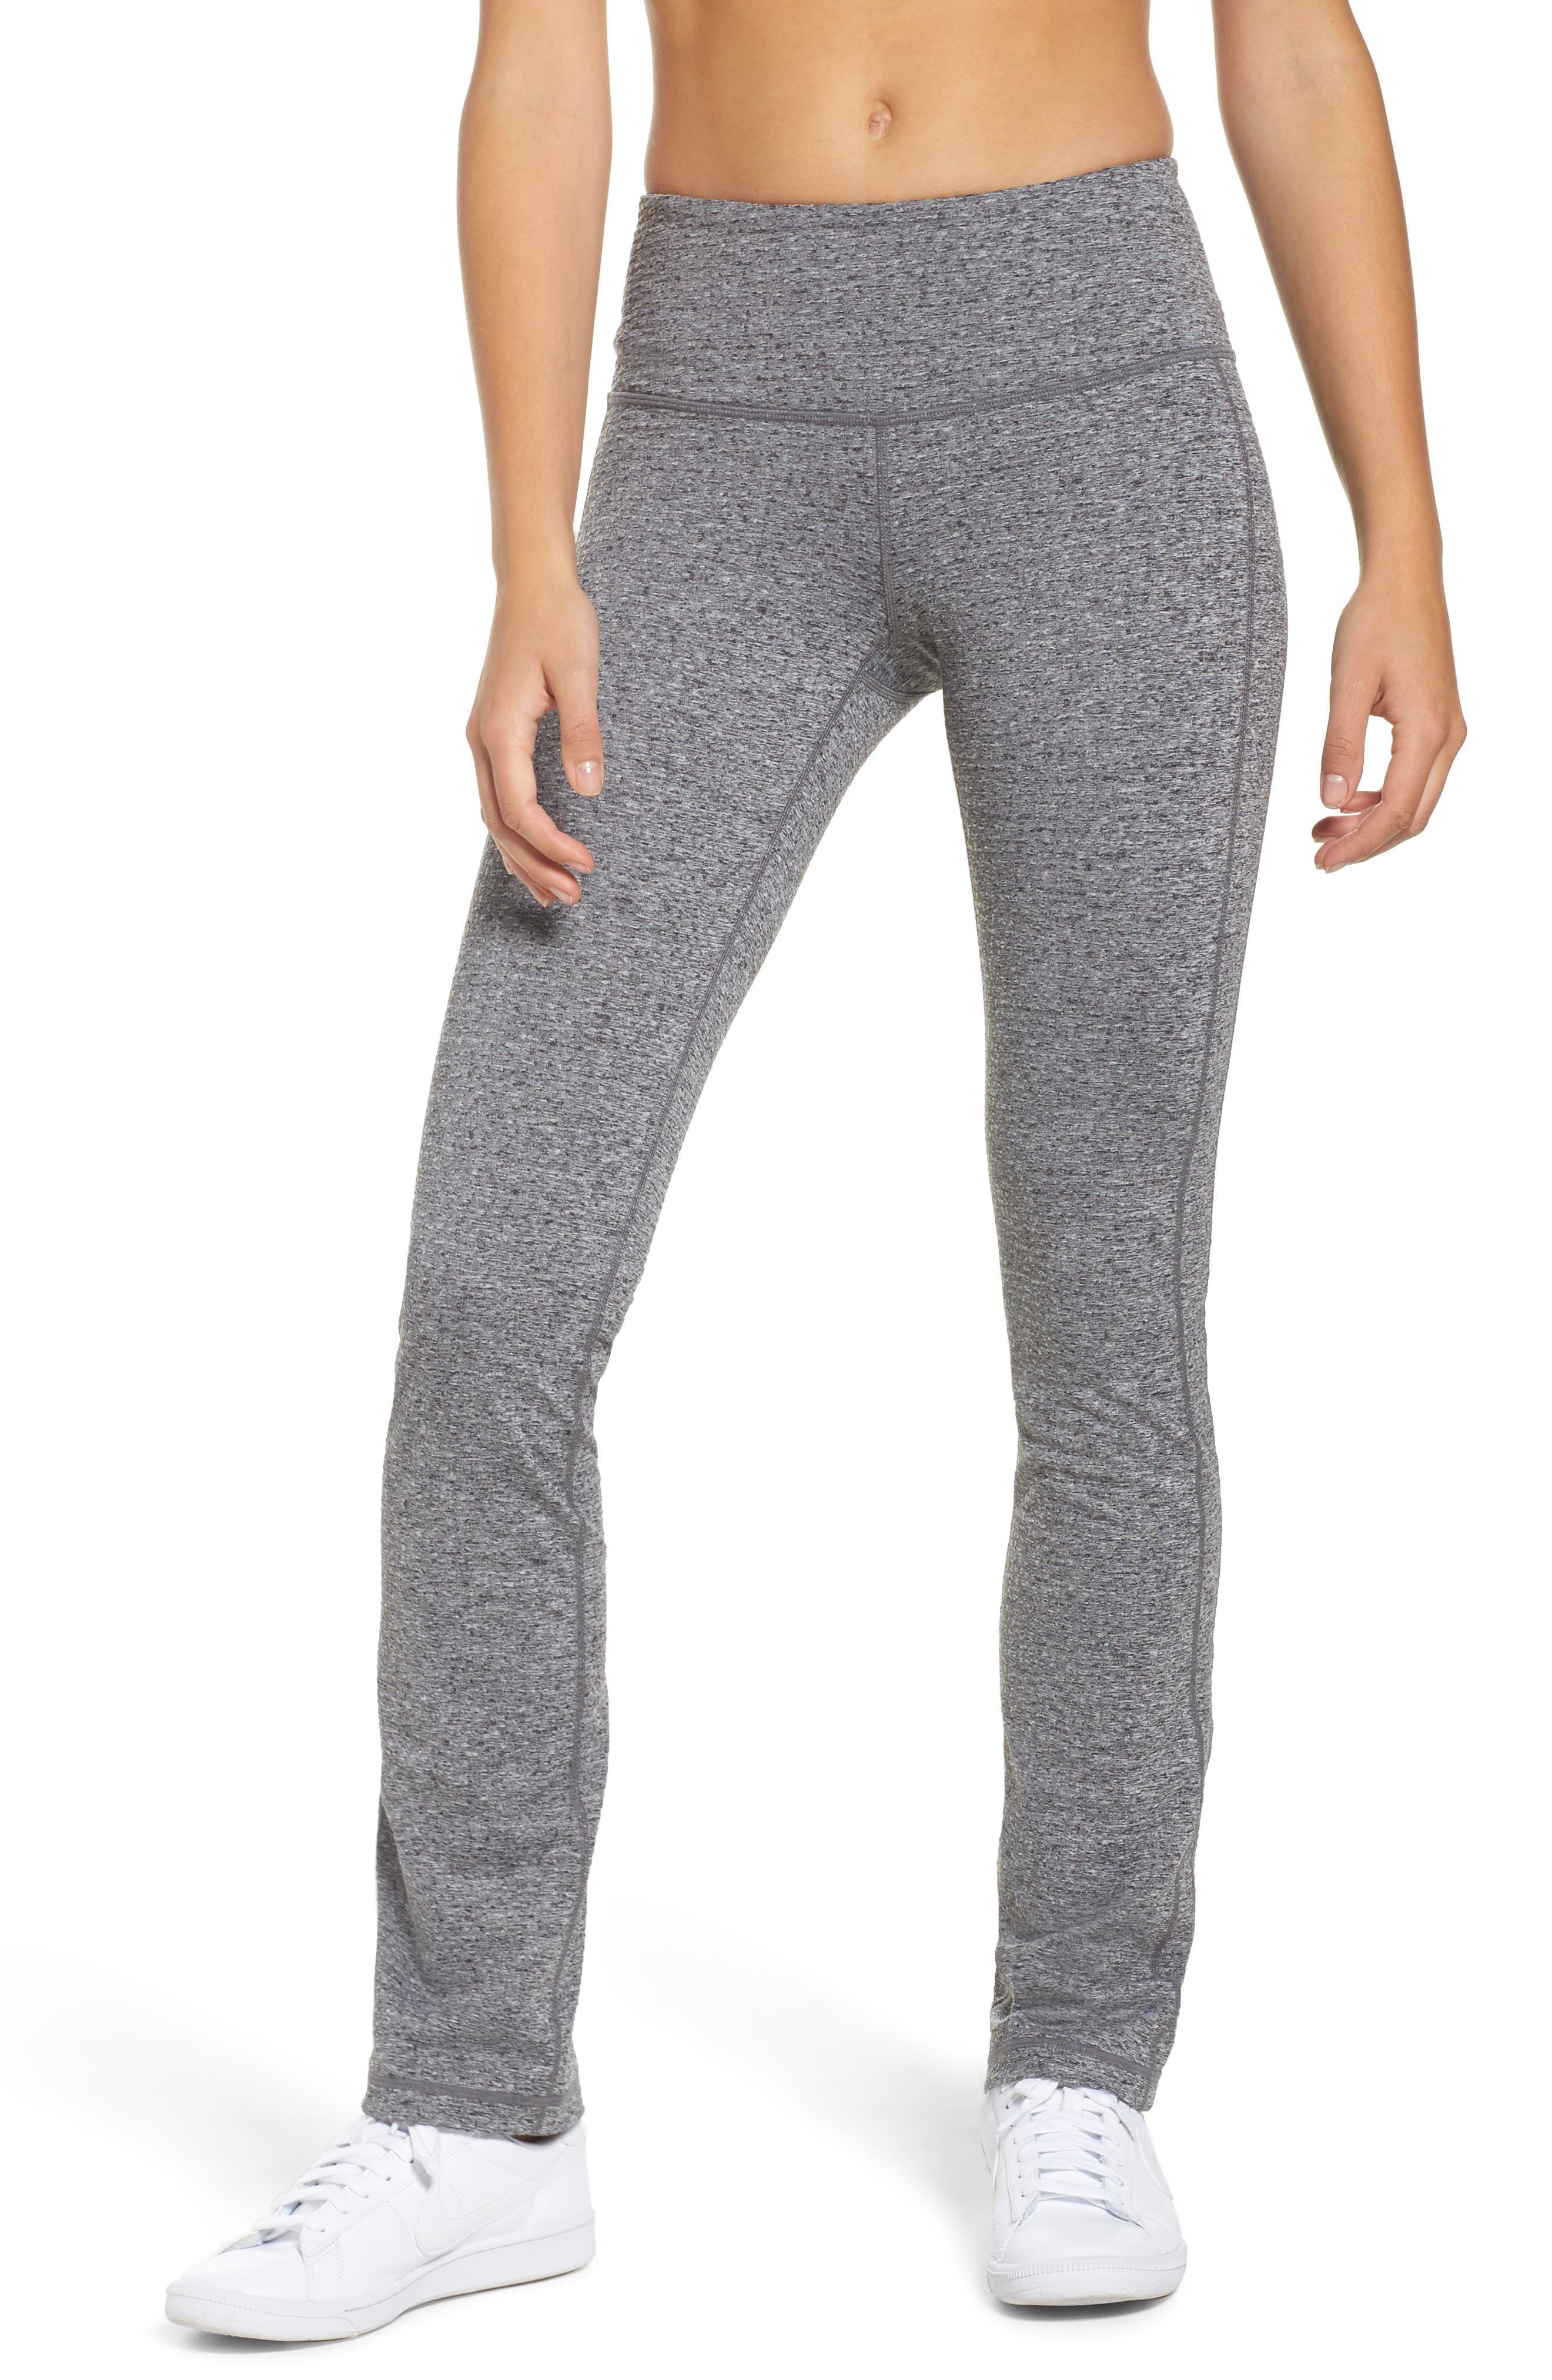 Zella 'Plank' Pants